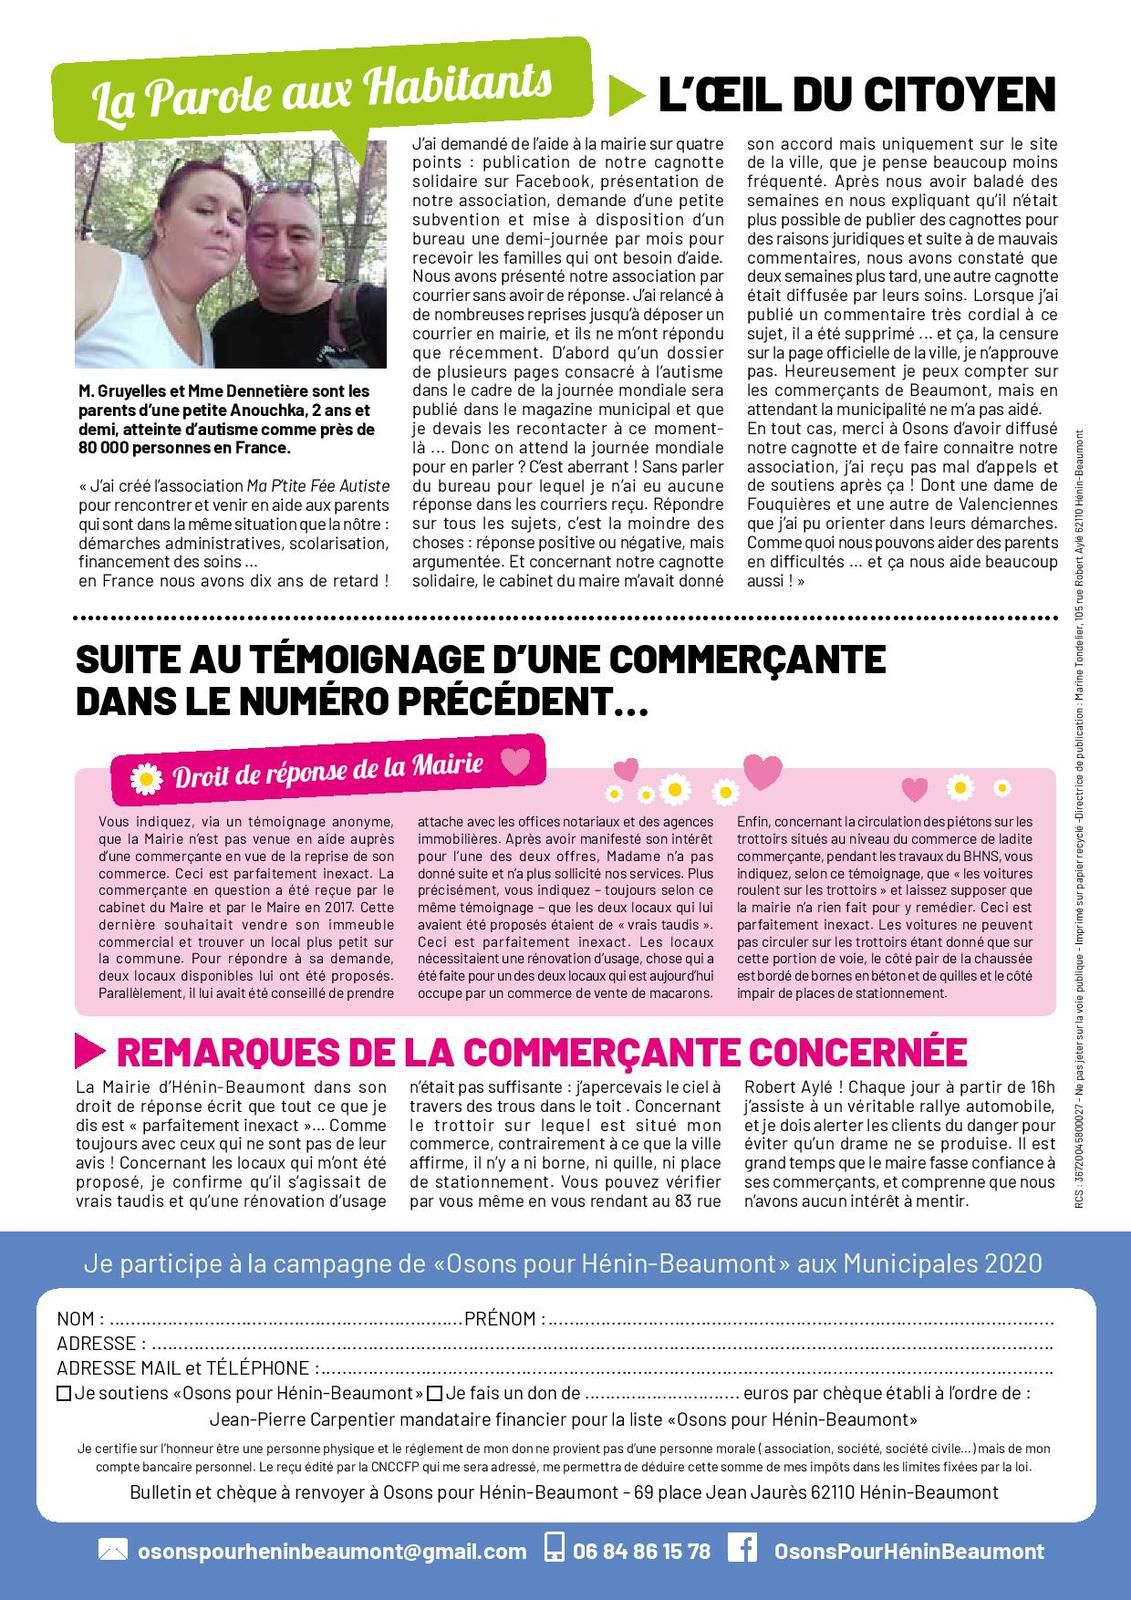 Le cinquième numéro de l'autre journal d'informations d'Osons pour Hénin-Beaumont